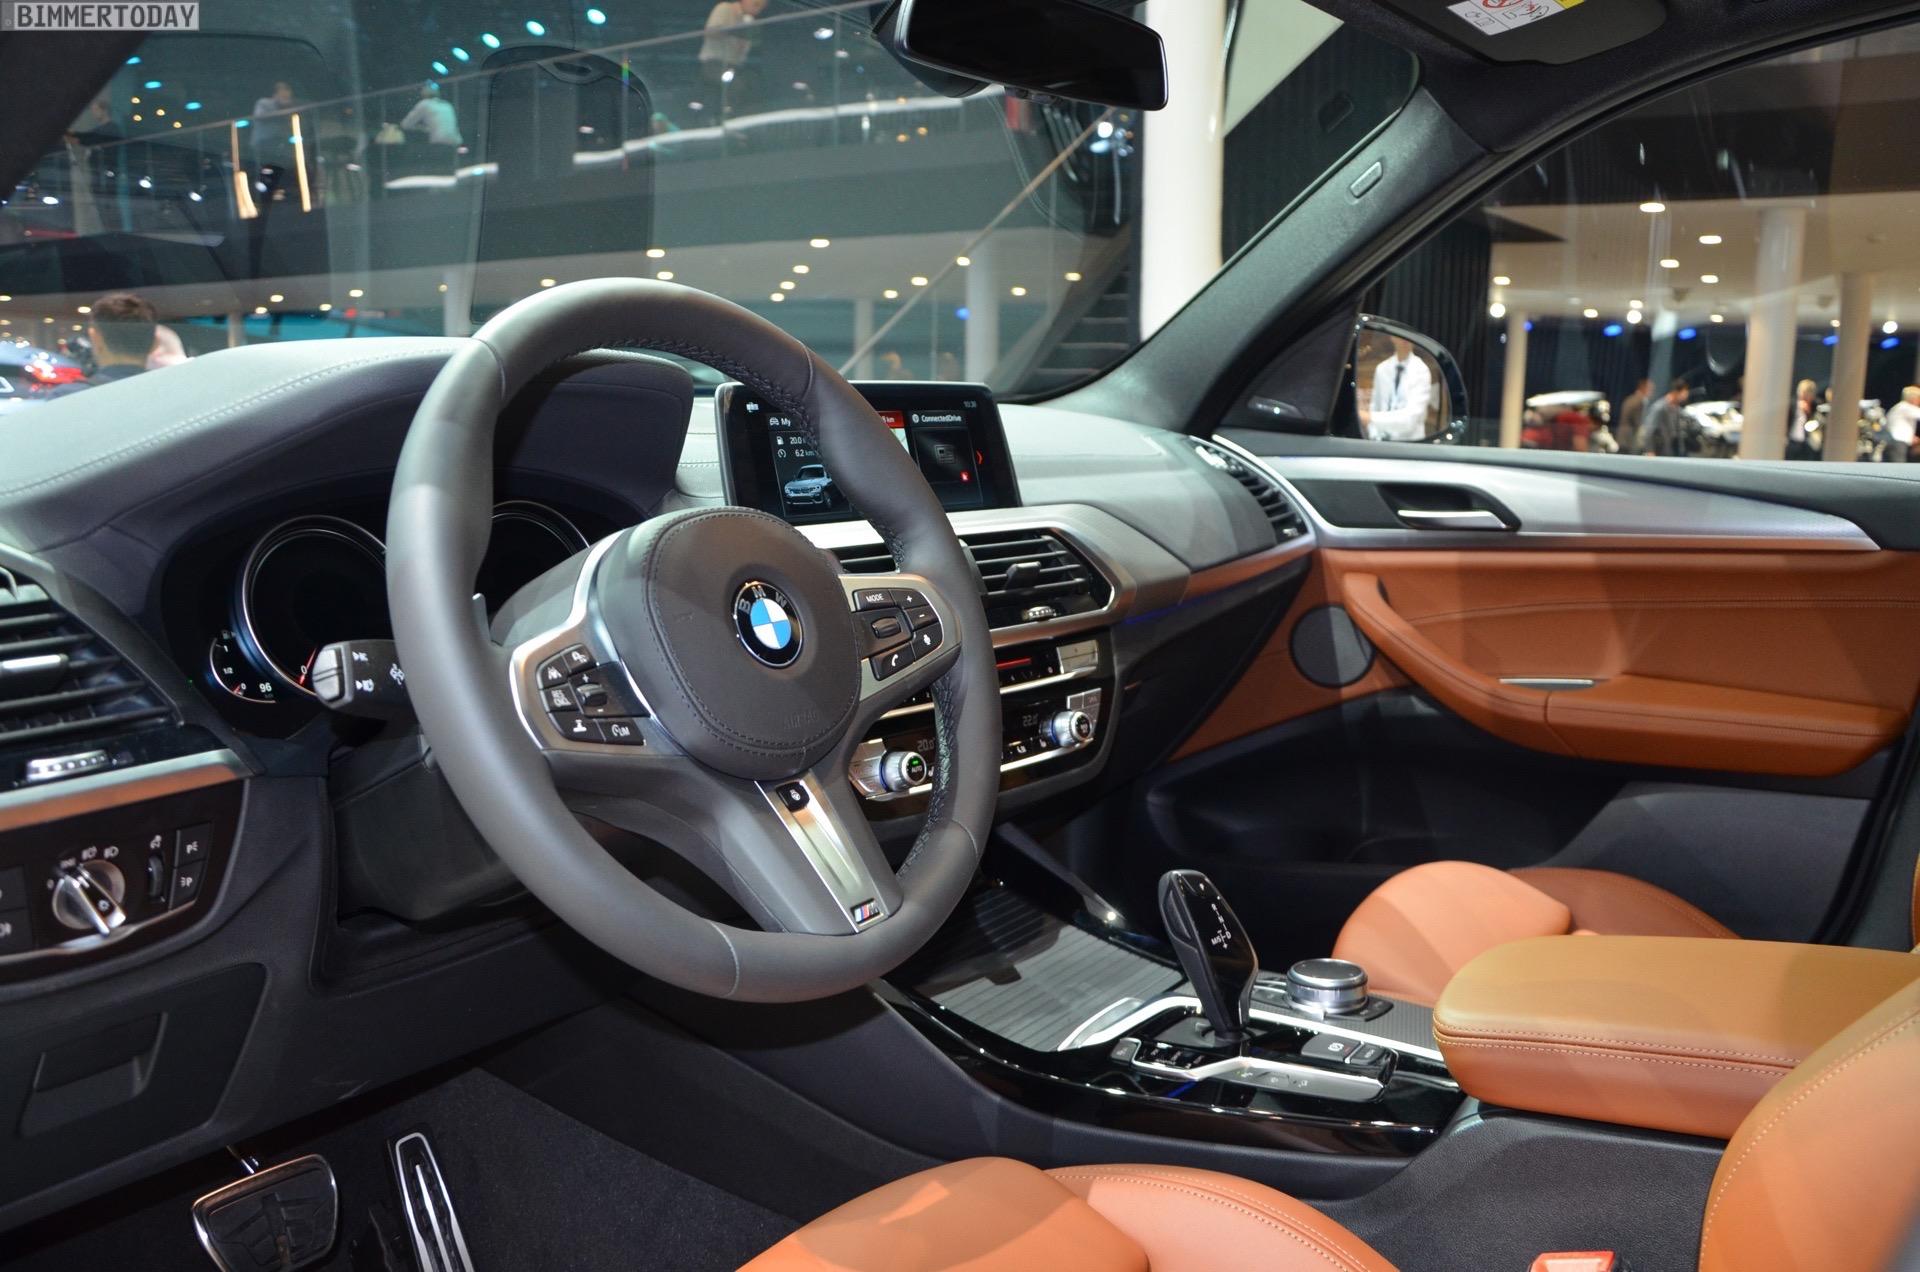 https://cdn.bimmertoday.de/wp-content/uploads/2017/09/IAA-2017-BMW-X3-M40i-G01-Phytonic-Blue-Interieur-LIVE-02.jpg